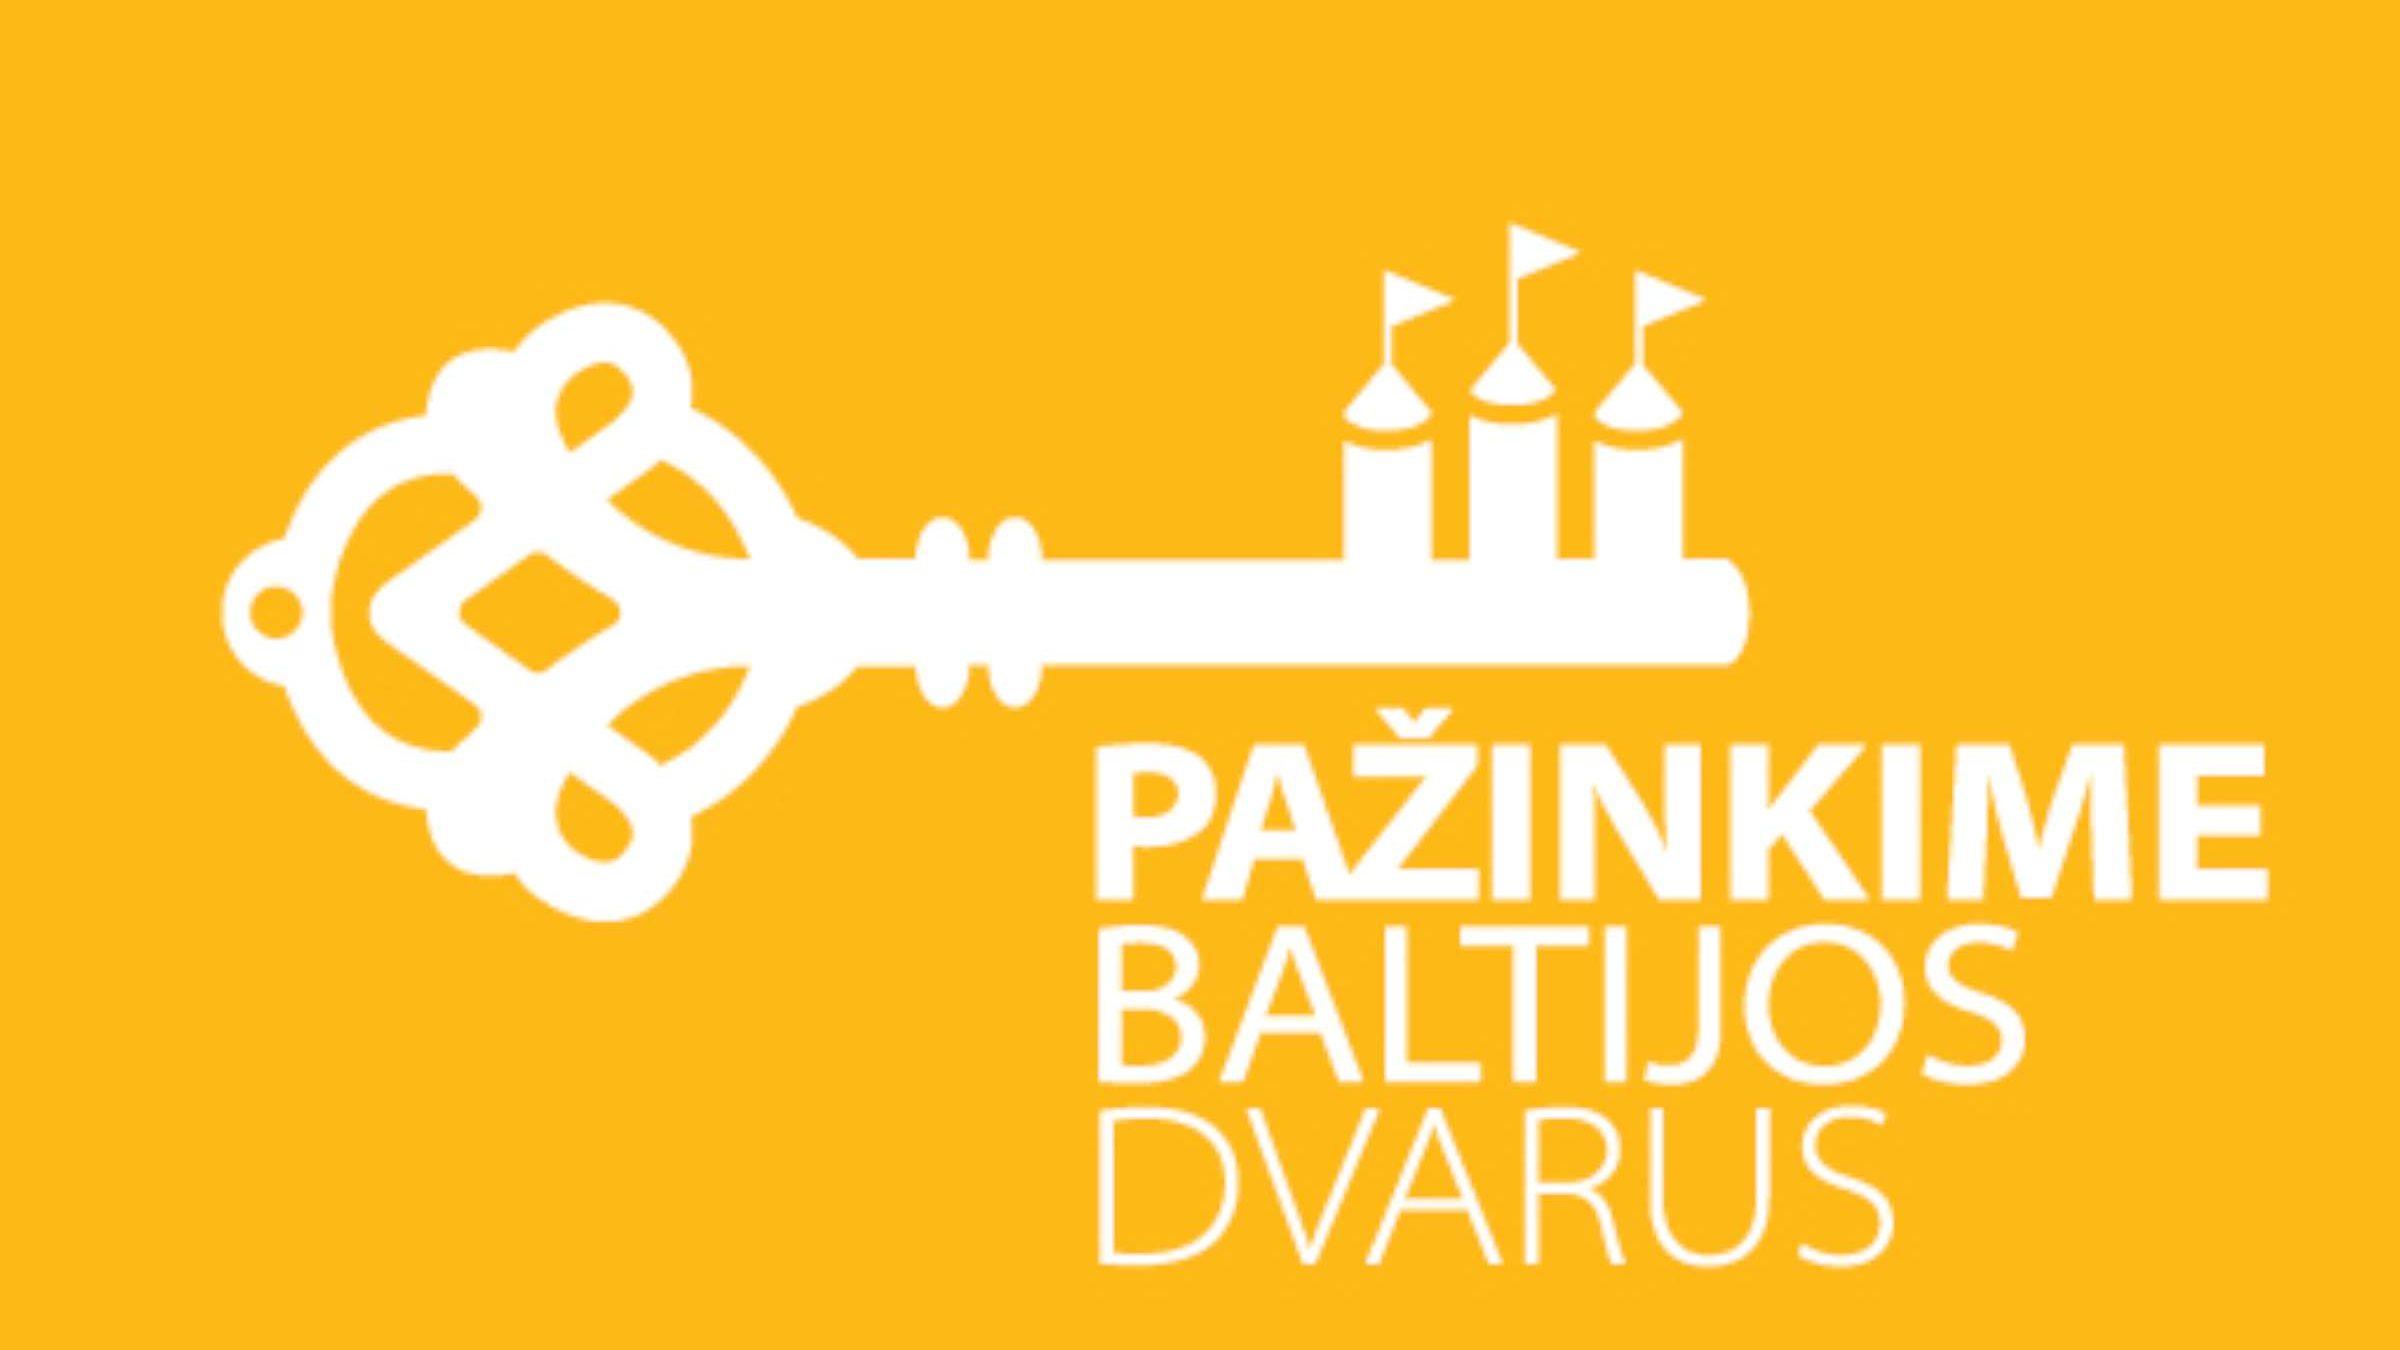 Pazinkime_Baltijos_dvarus-2400